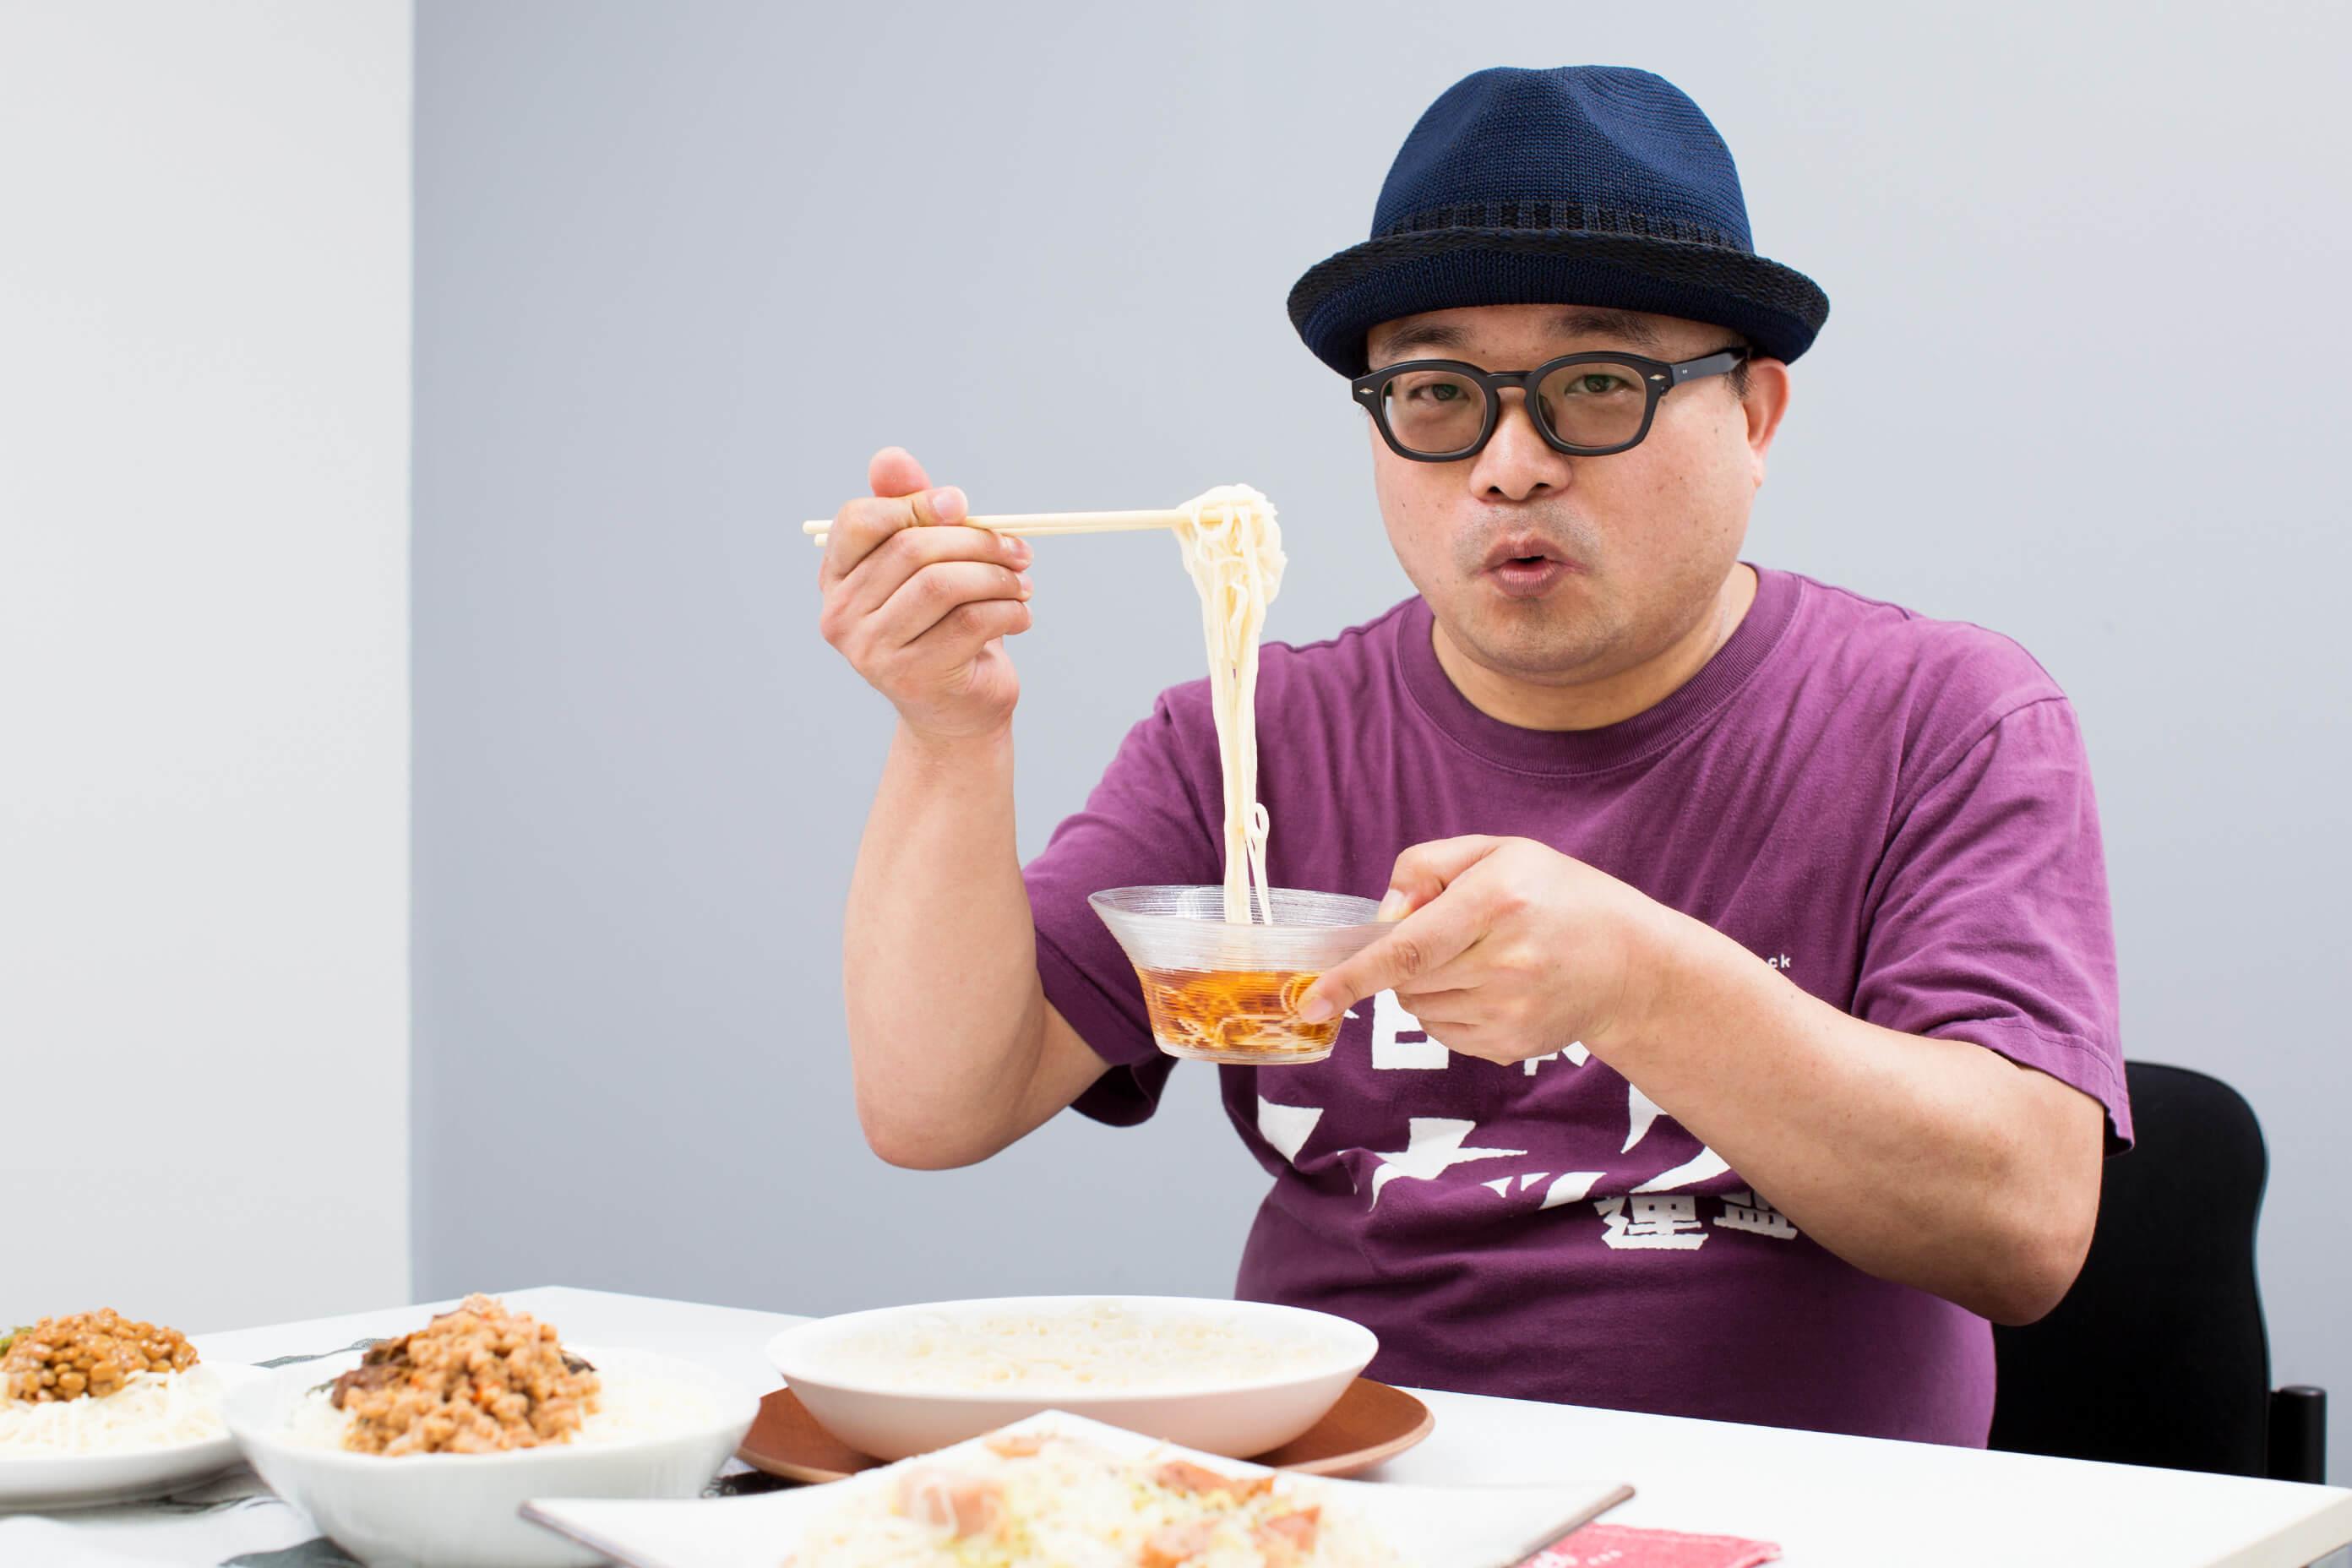 ソーメン二郎さん(そうめん研究家)に聞く! そうめんを10倍おいしくする食べ方